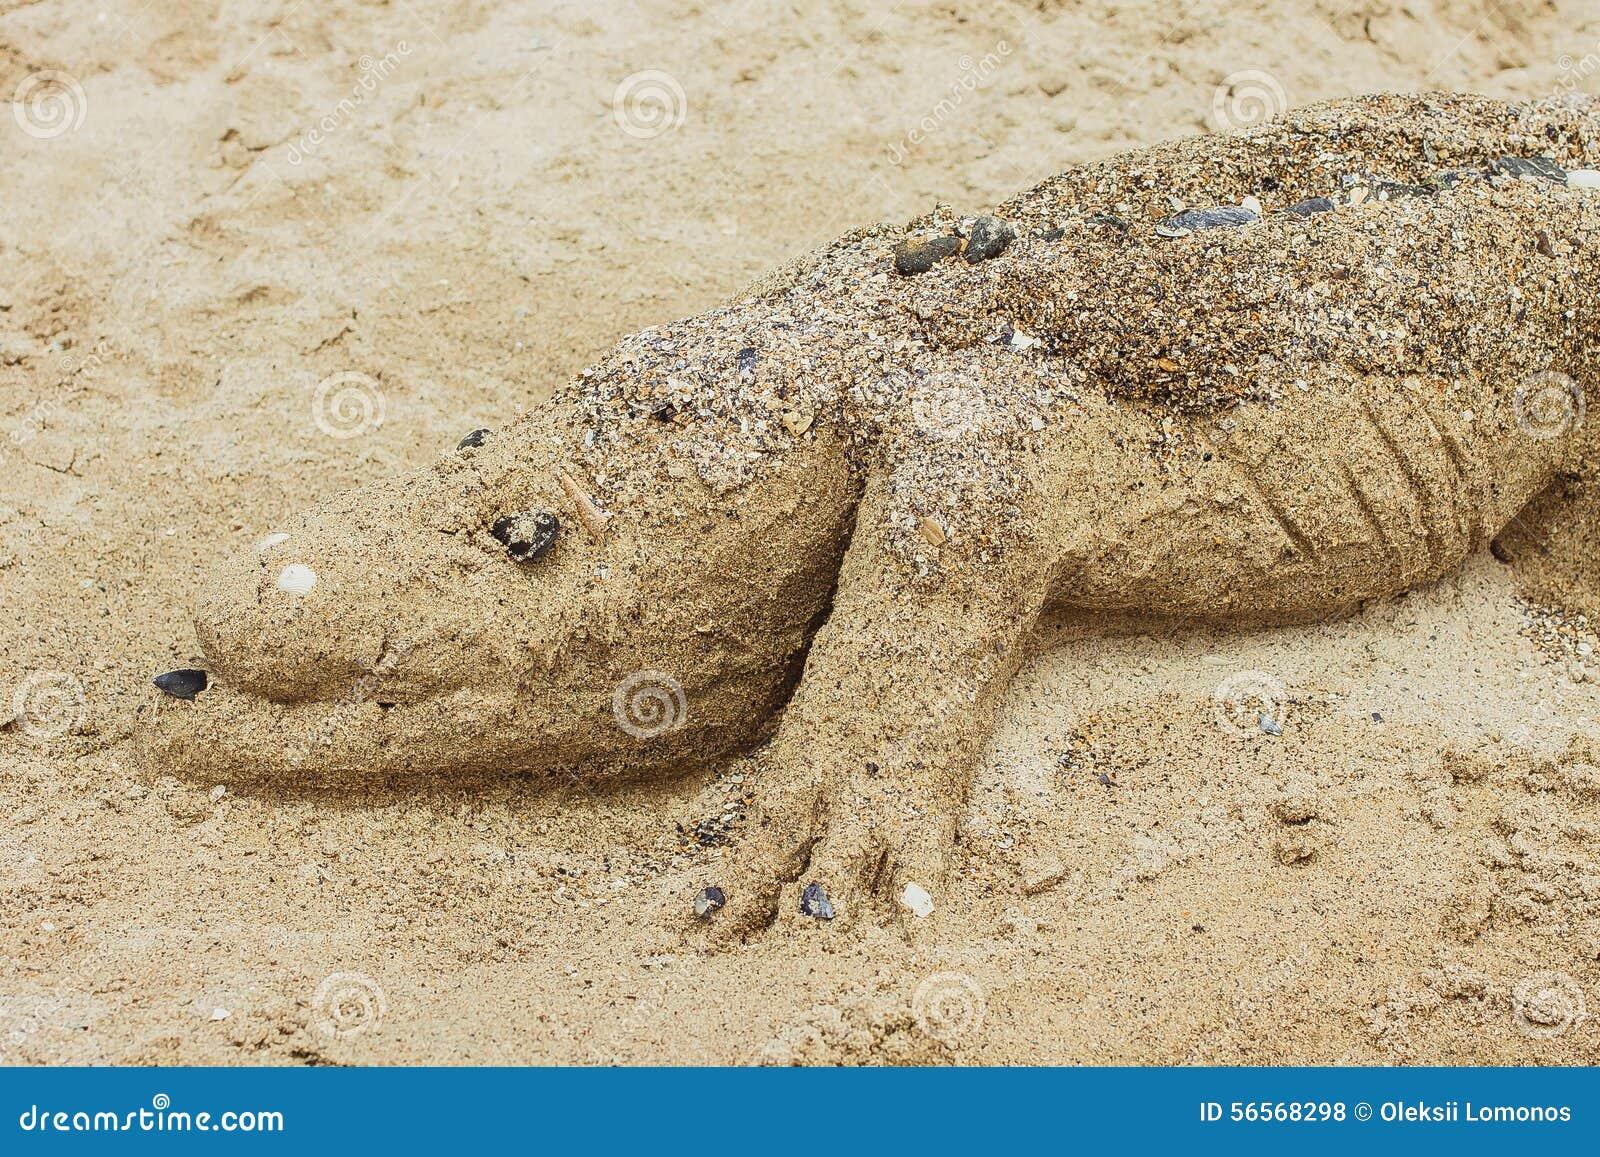 Download Κροκόδειλος που γίνεται από την άμμο στην παραλία Στοκ Εικόνες - εικόνα από κροκόδειλος, γίνοντας: 56568298